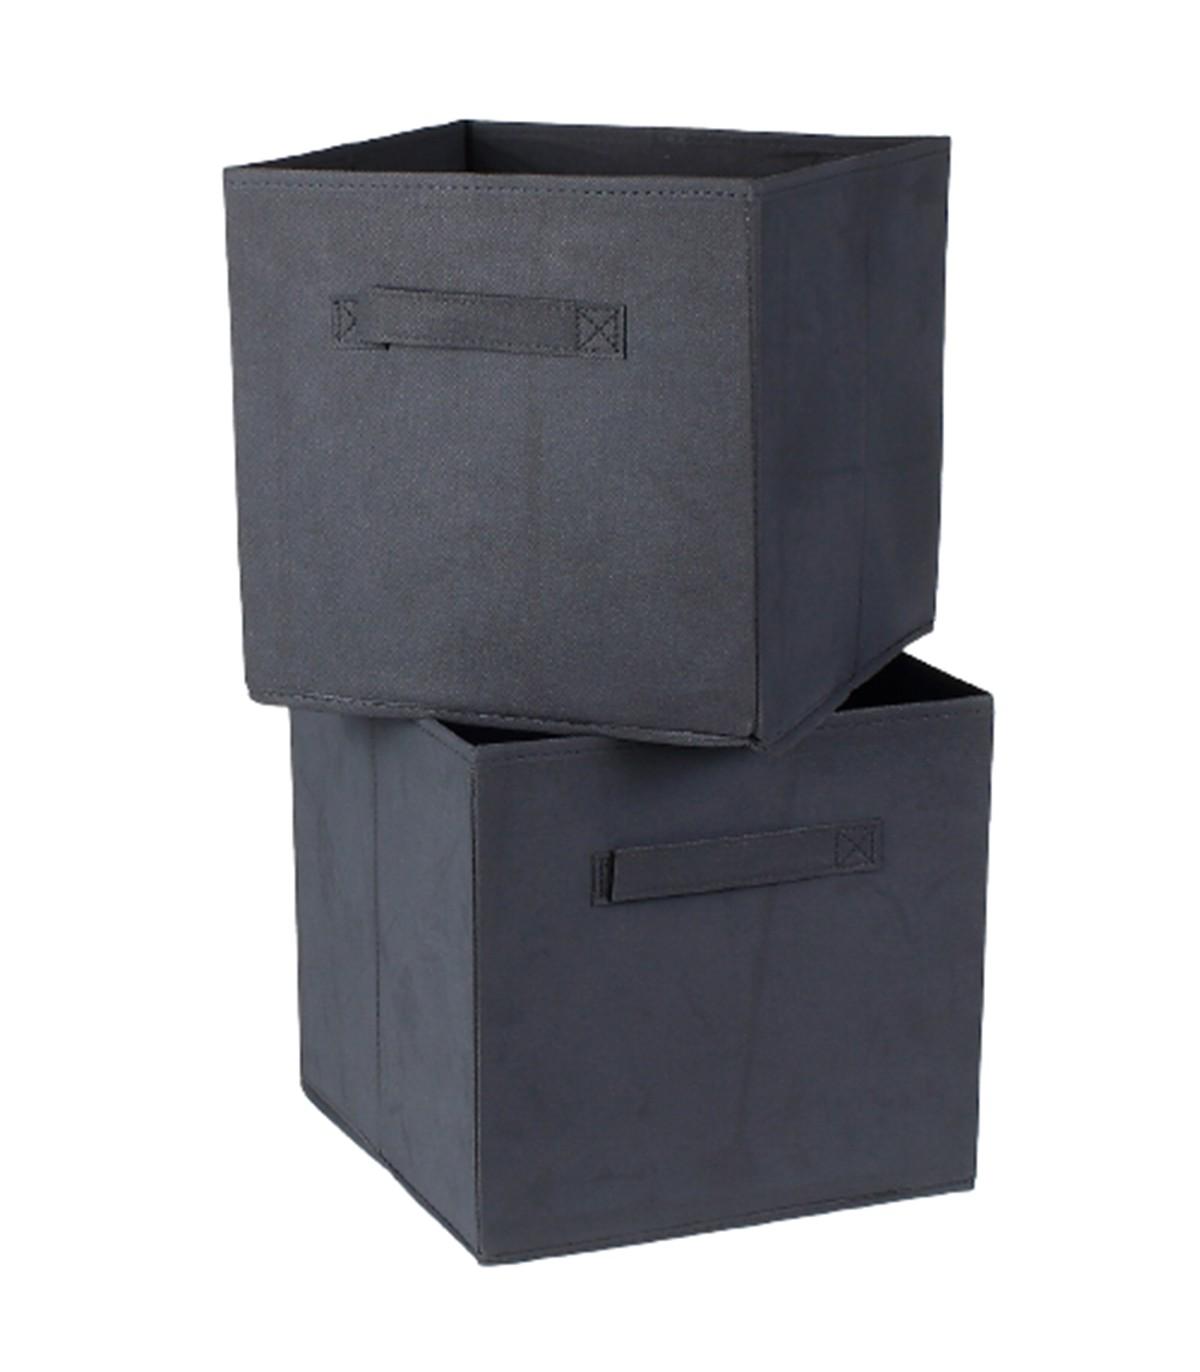 Cube de rangement intissé 28x28cm - Lot de 2 - Gris